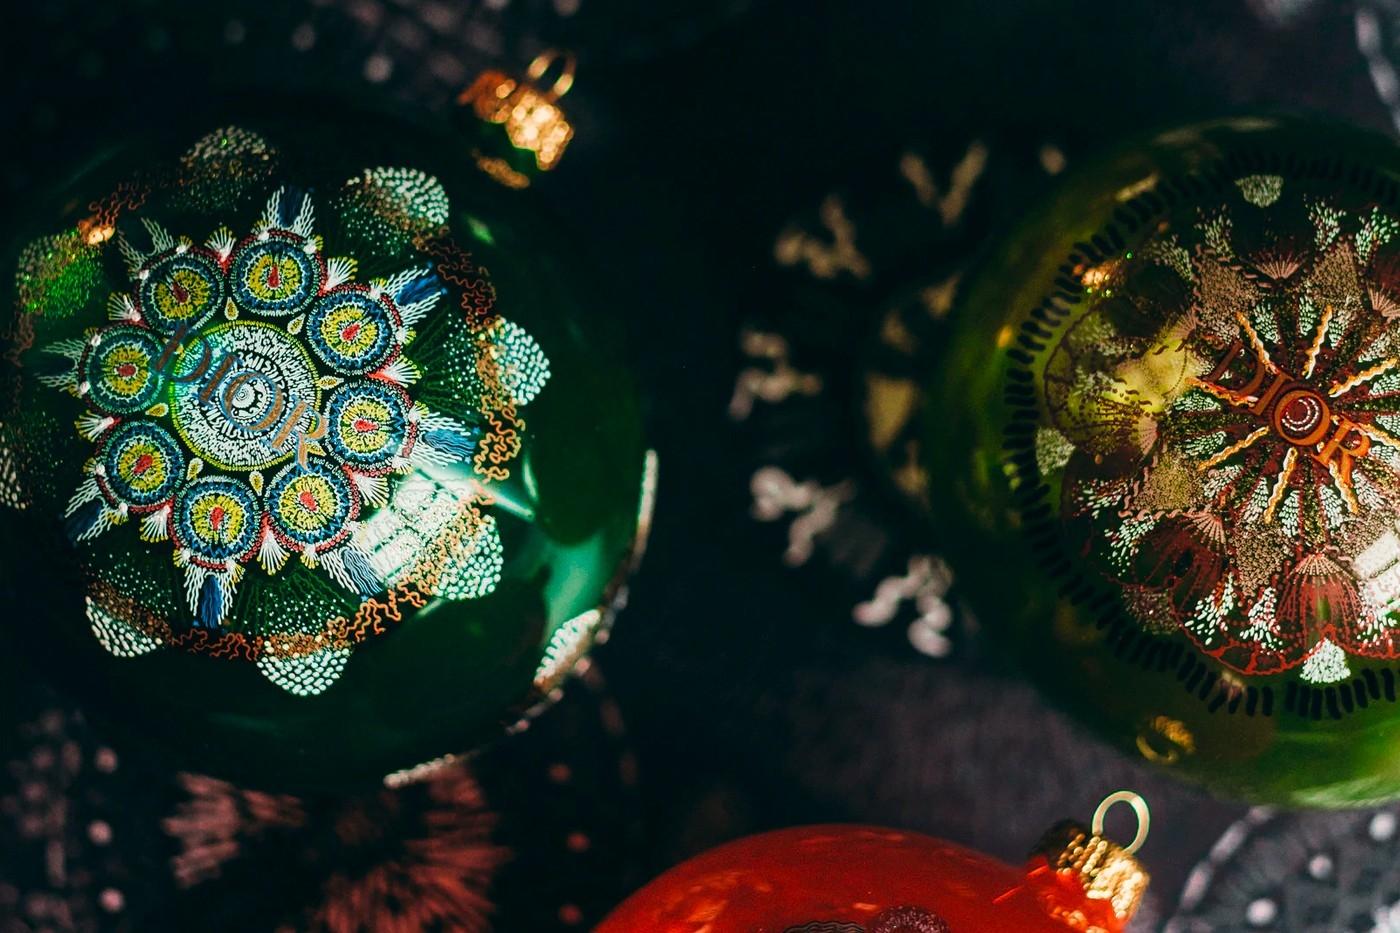 Объект желания: Dior выпустили набор елочных игрушек с изящными орнаментом (ФОТО) - фото №3